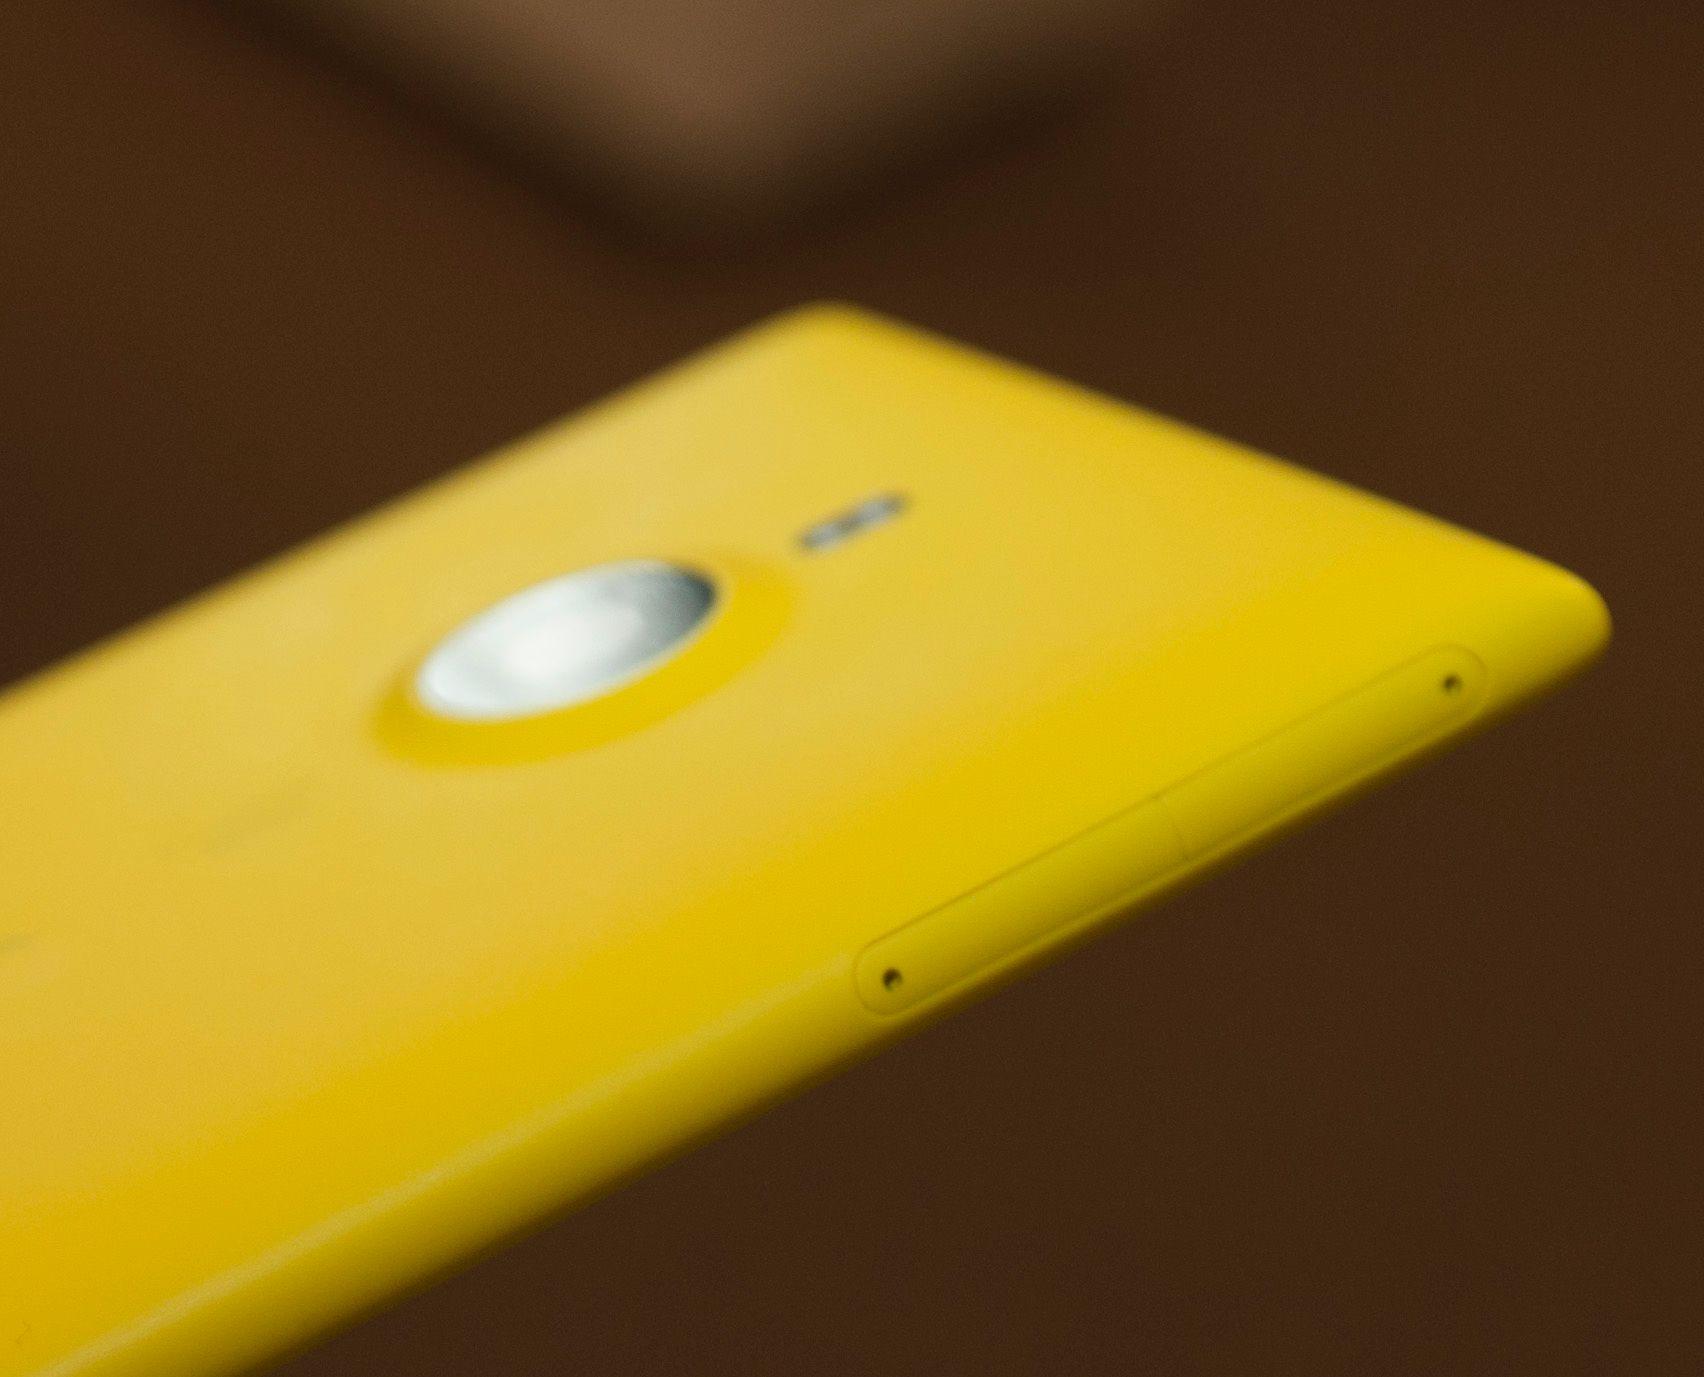 Øverst på venstre langside av telefonen har den plass for Nano-SIM-kort og Micro-SD-kort.Foto: Finn Jarle Kvalheim, Amobil.no